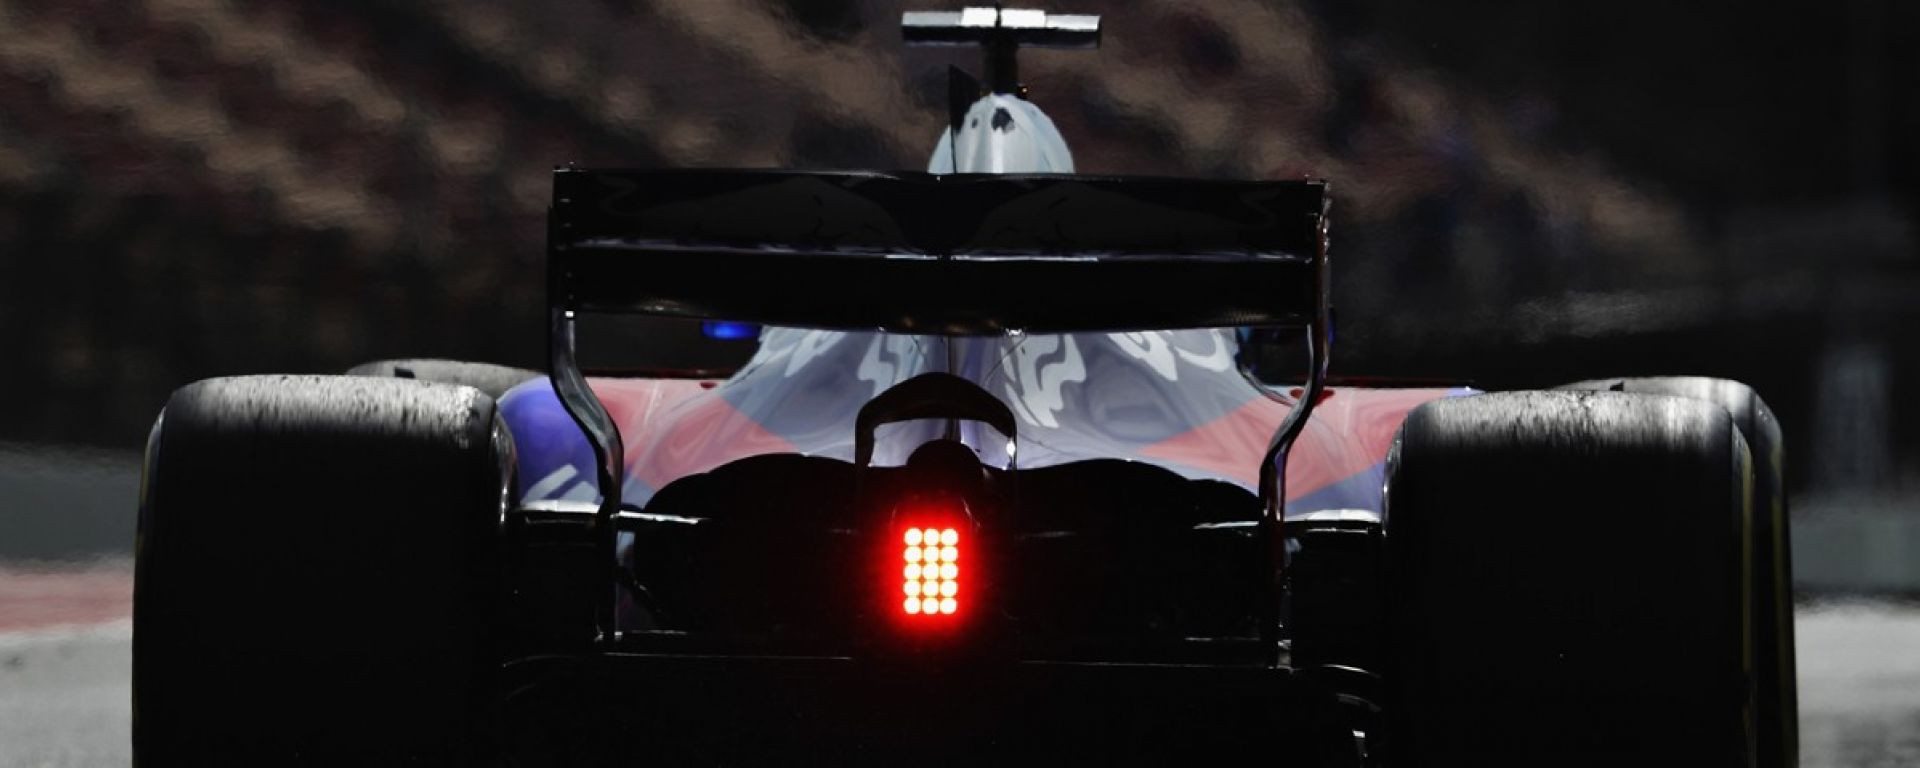 F1 2017 GP Malesia, Toro Rosso STR12